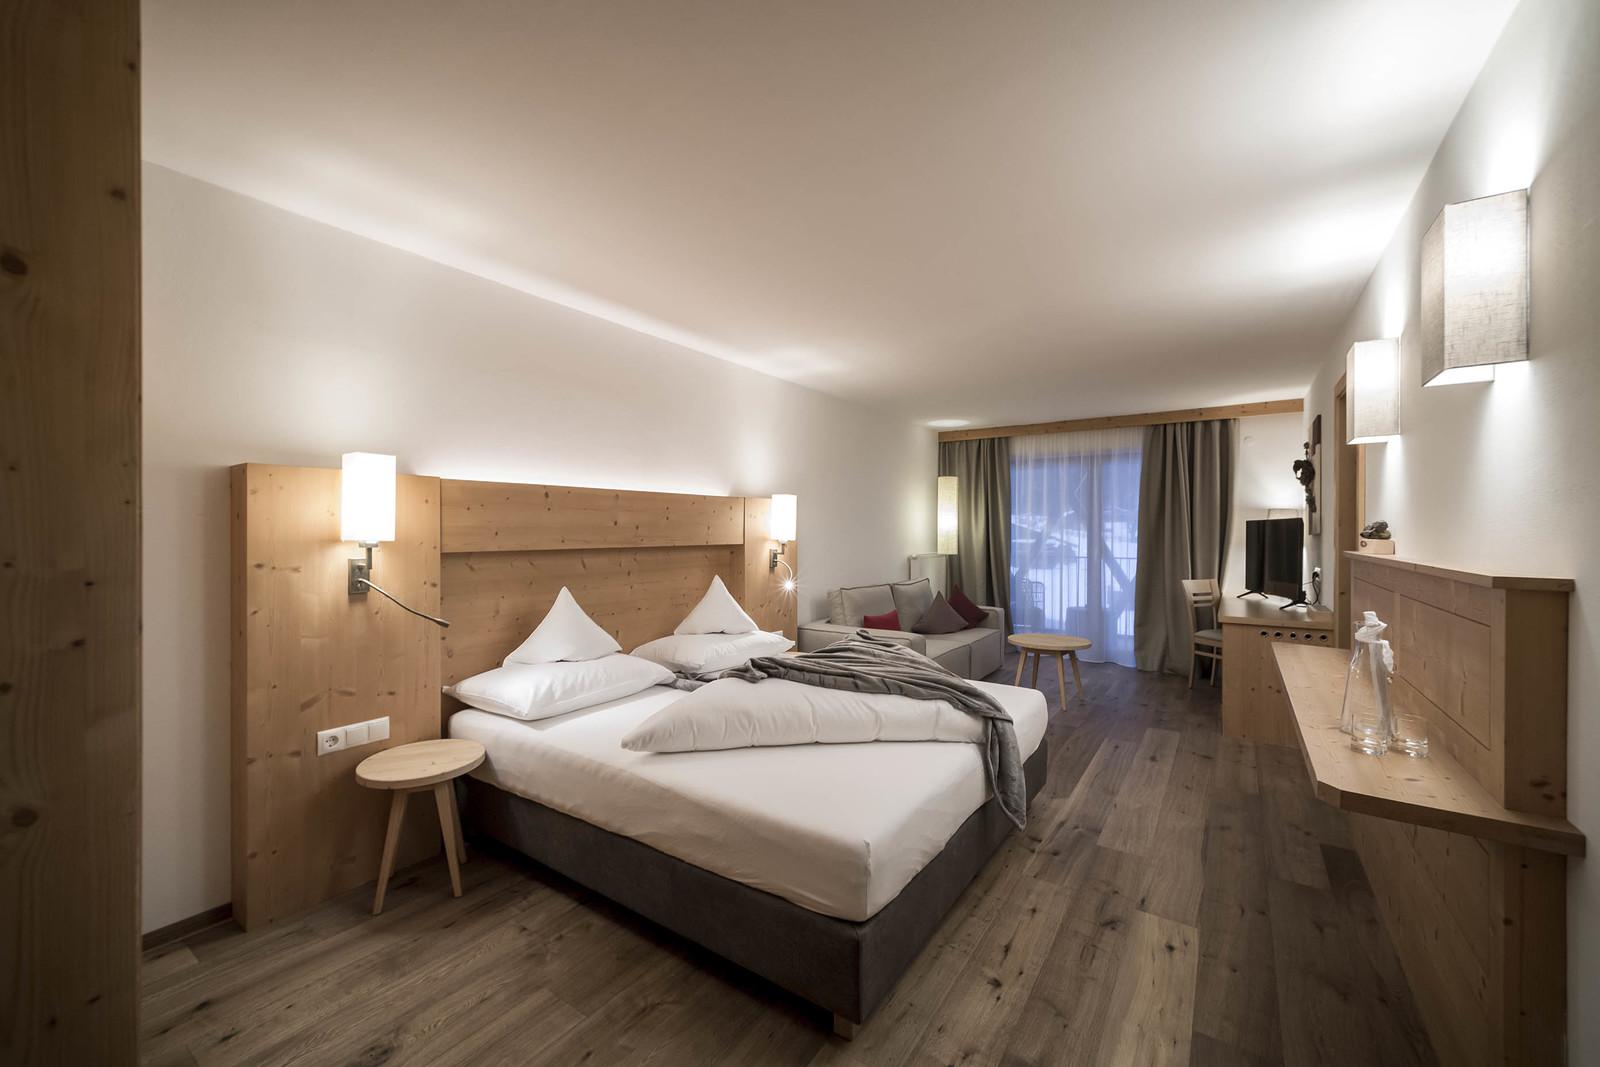 Camere da letto con parquet perfect nobile parquet in - Camera da letto con parquet ...